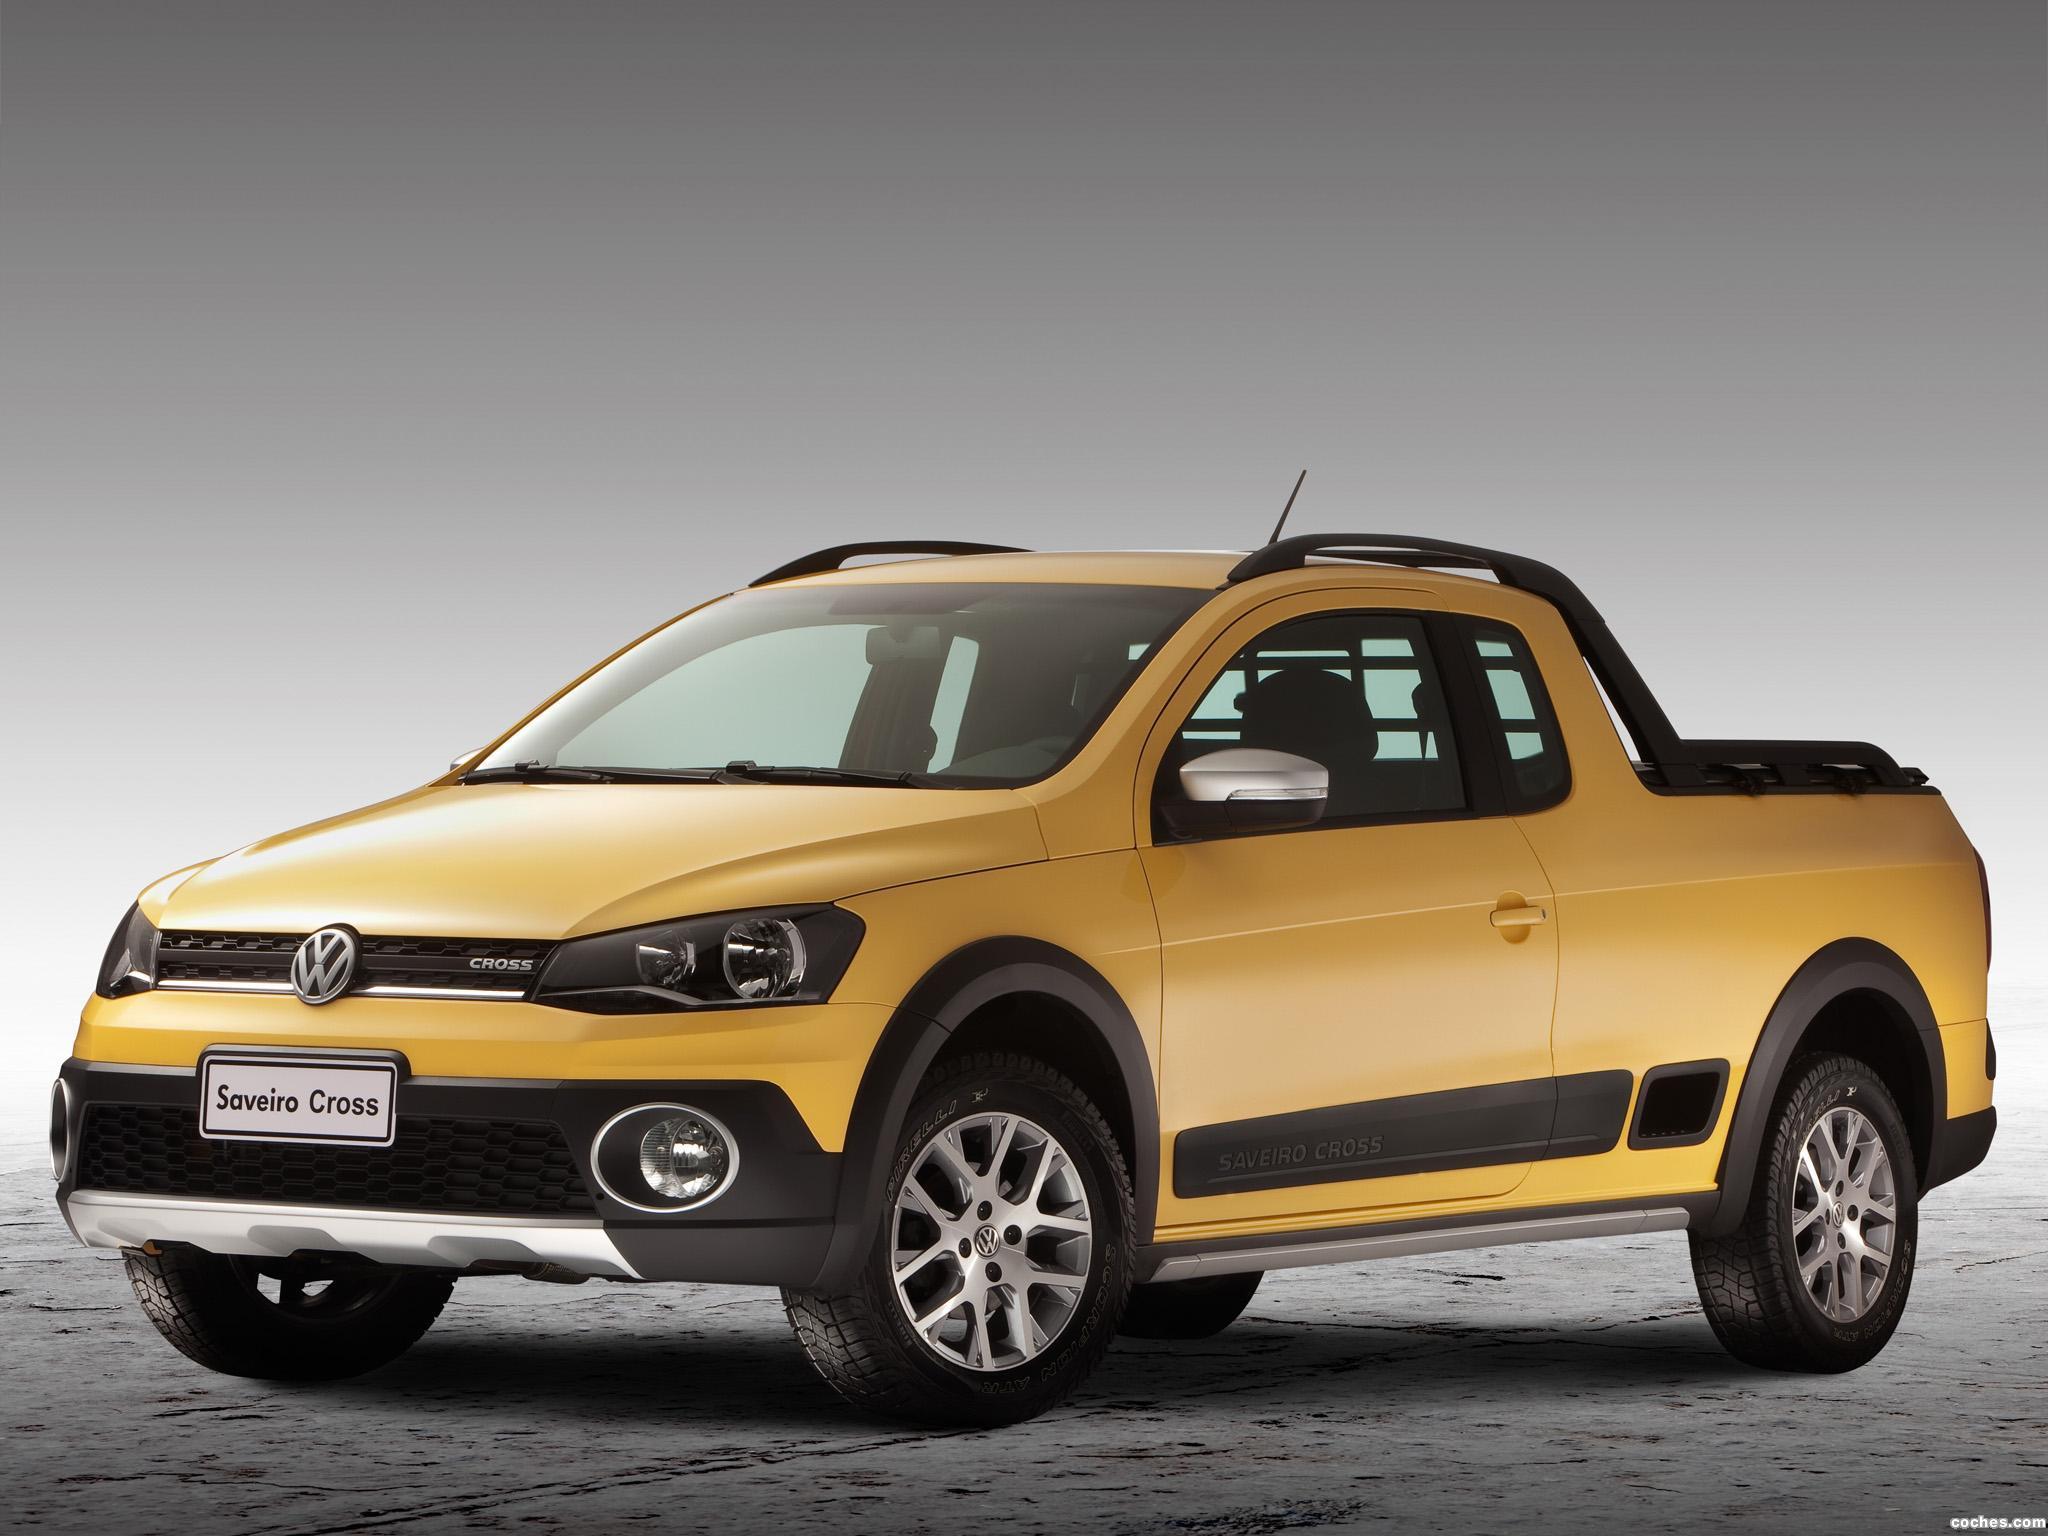 Foto 12 de Volkswagen Saveiro Cross 2013